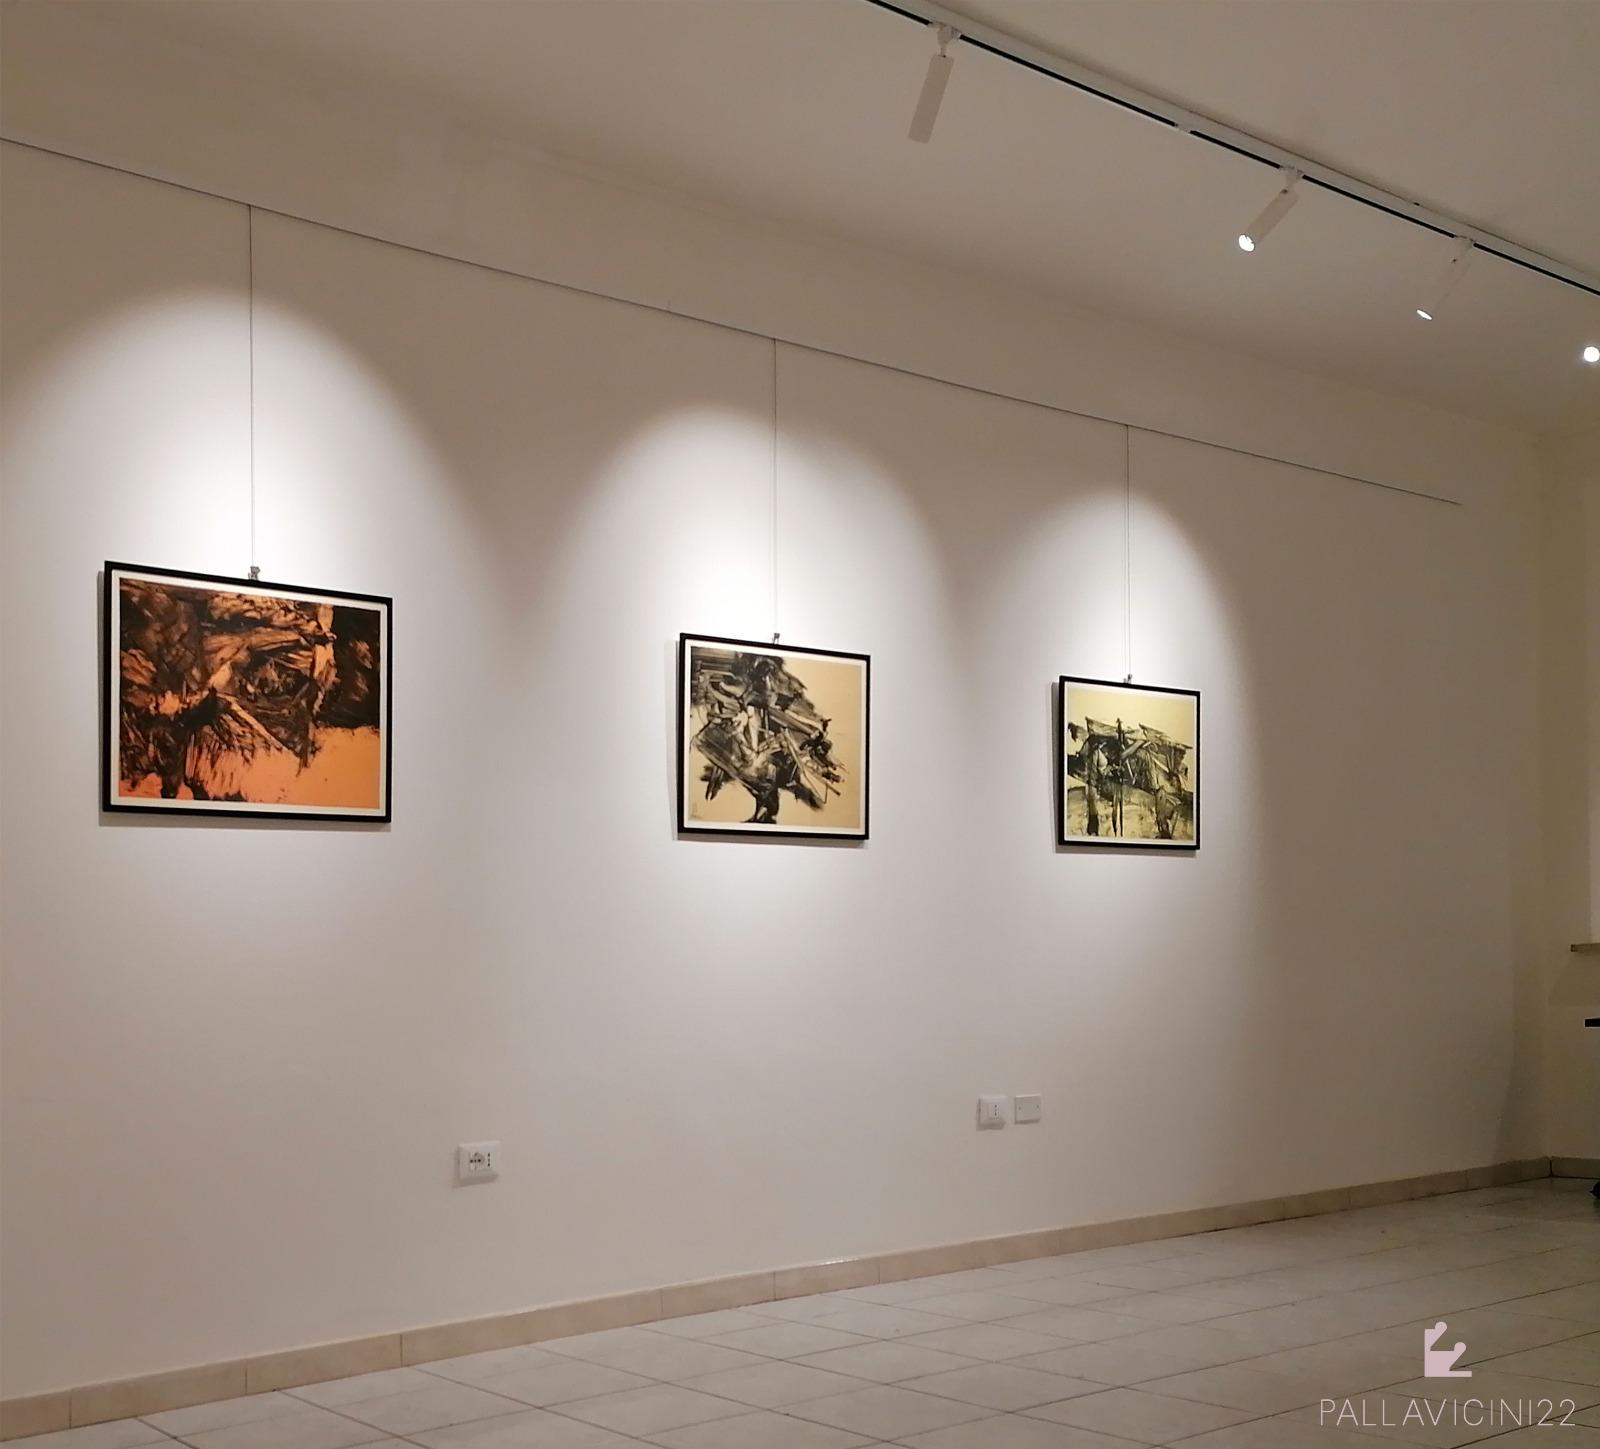 PHOTO-2020-12-21-17-31-33_8